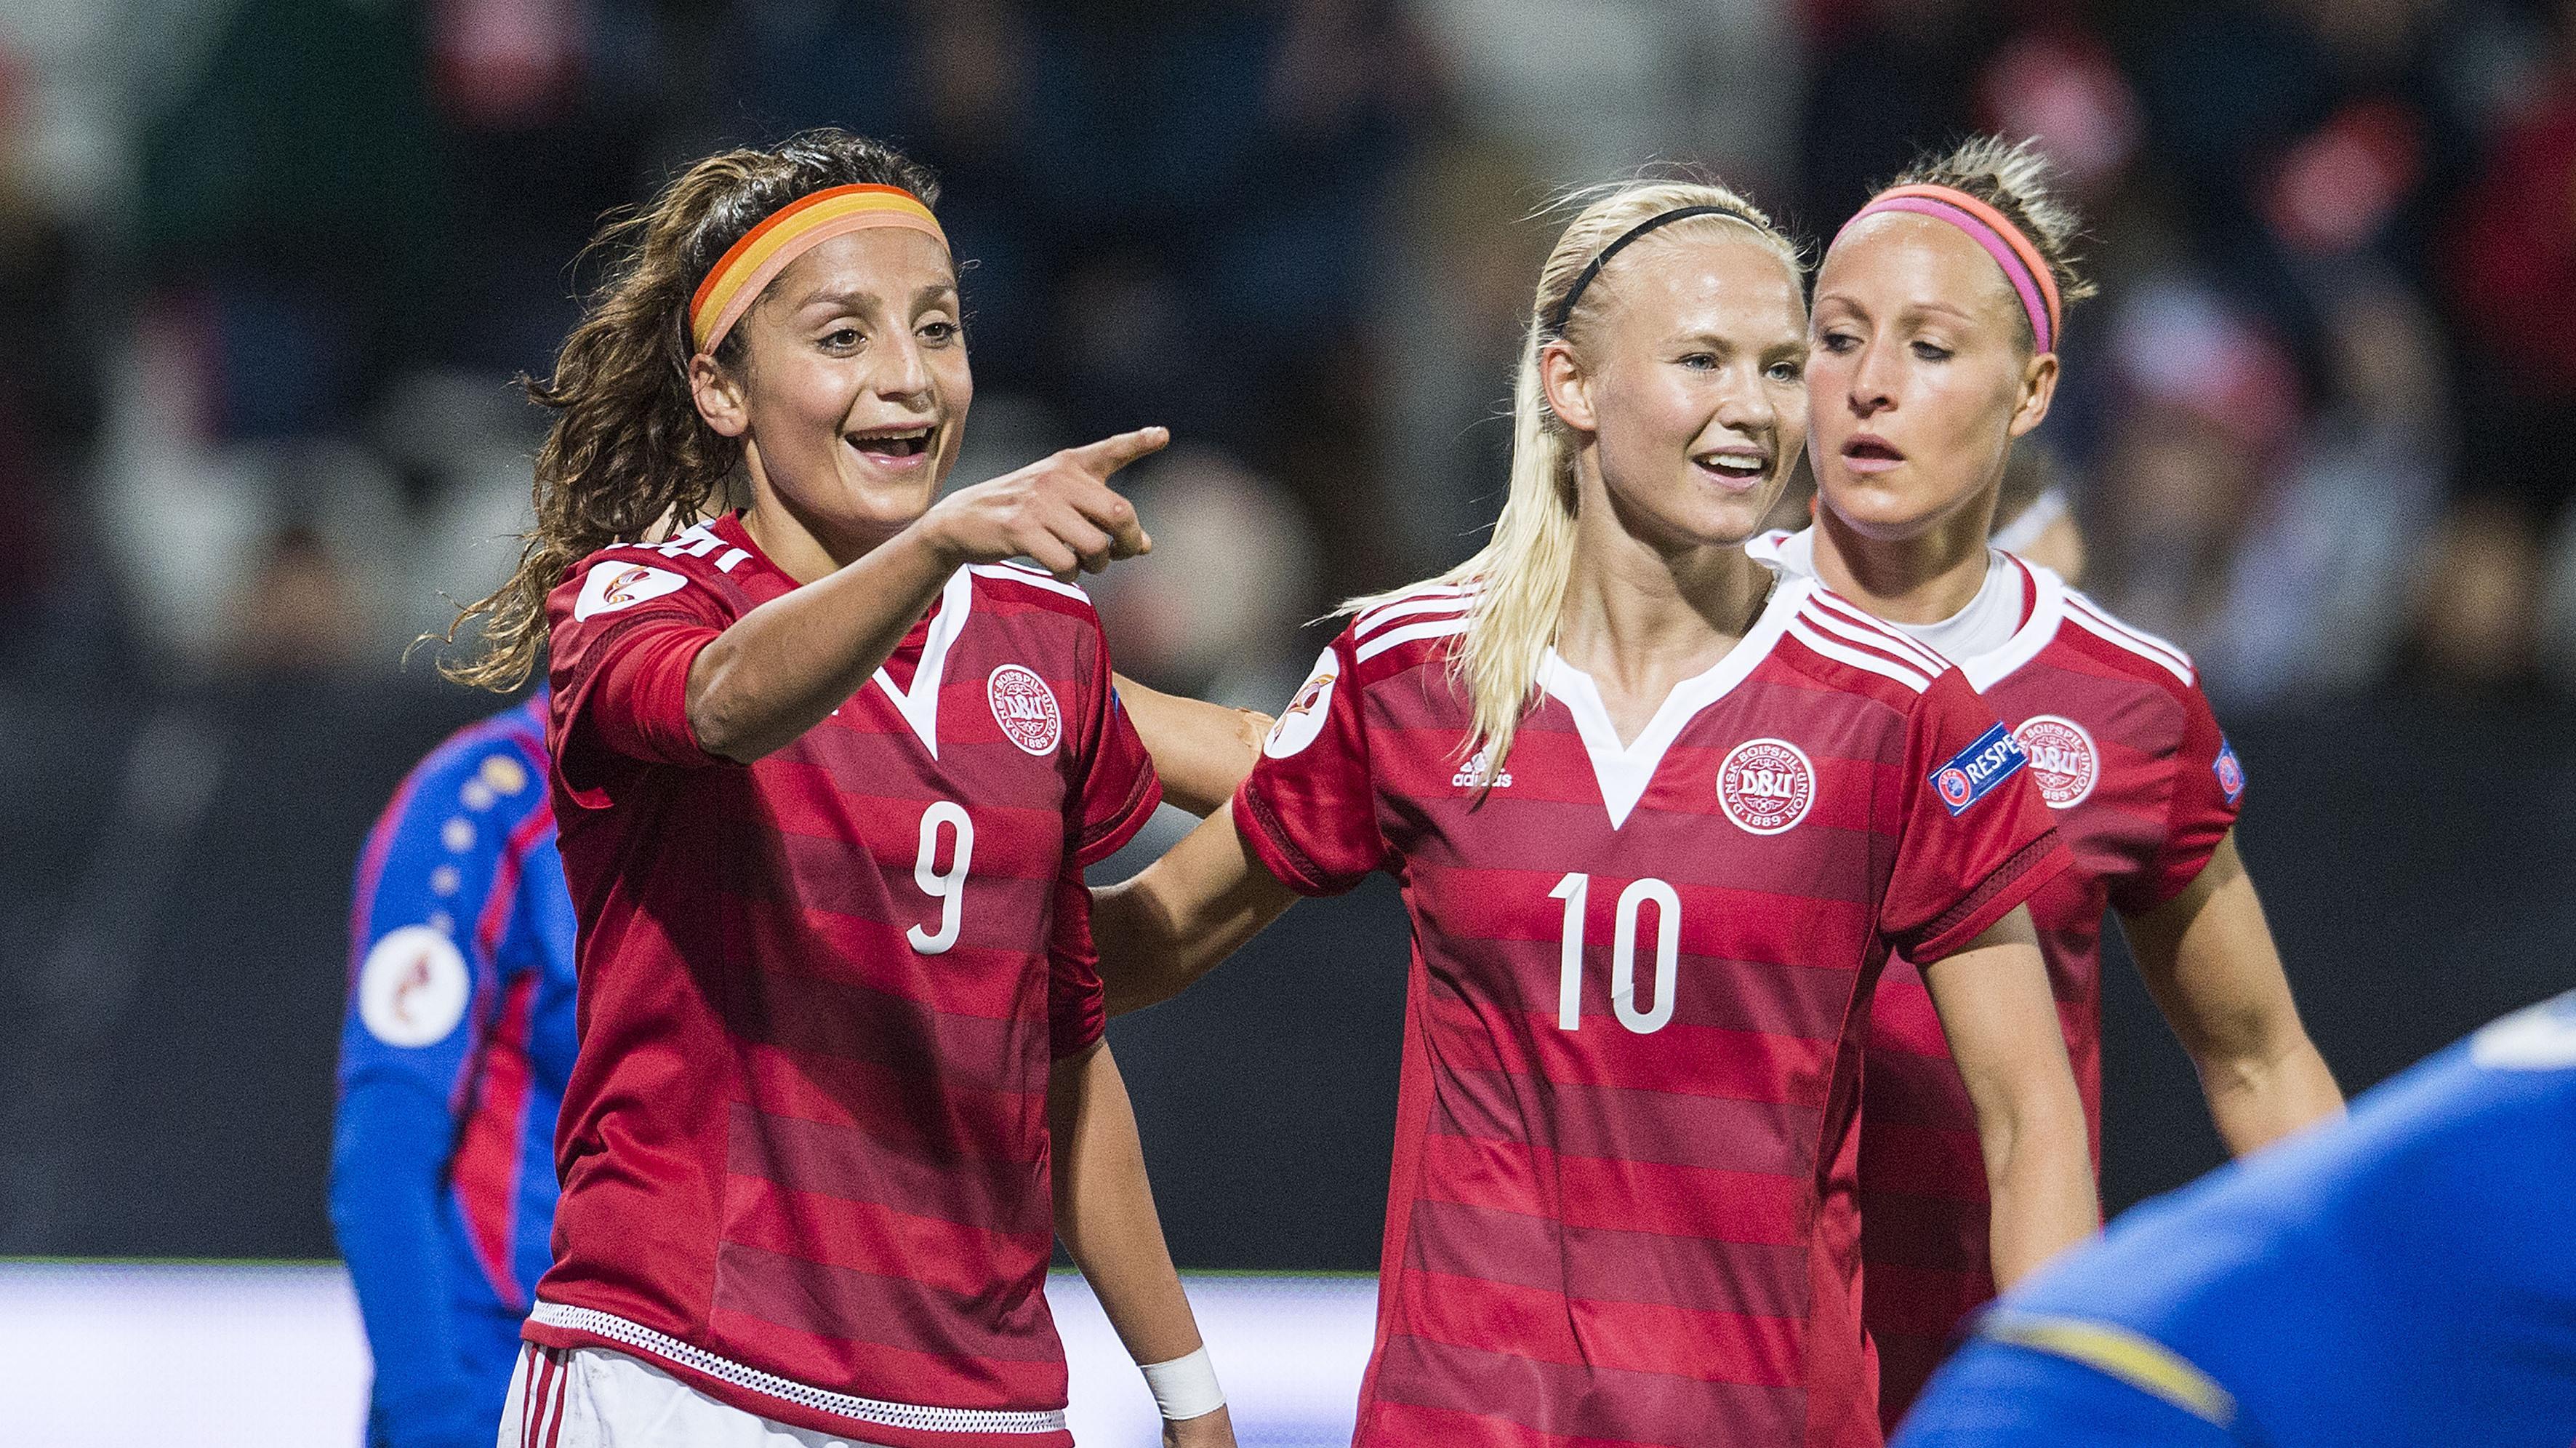 fodboldkvinder.jpg